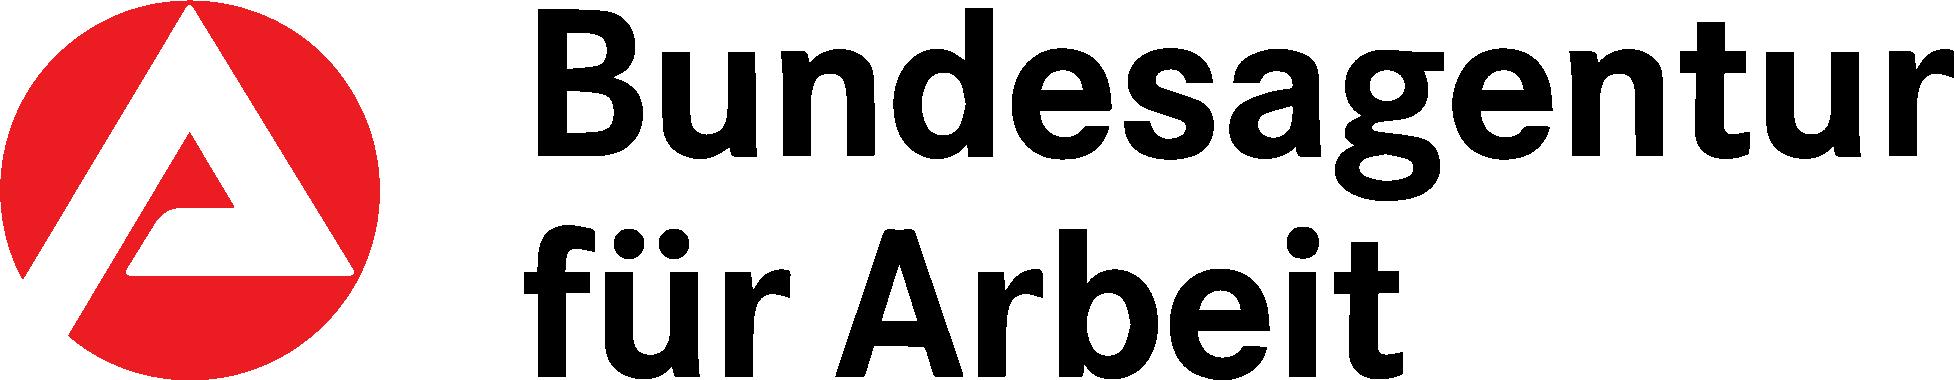 bundesagentur für arbeit logo download